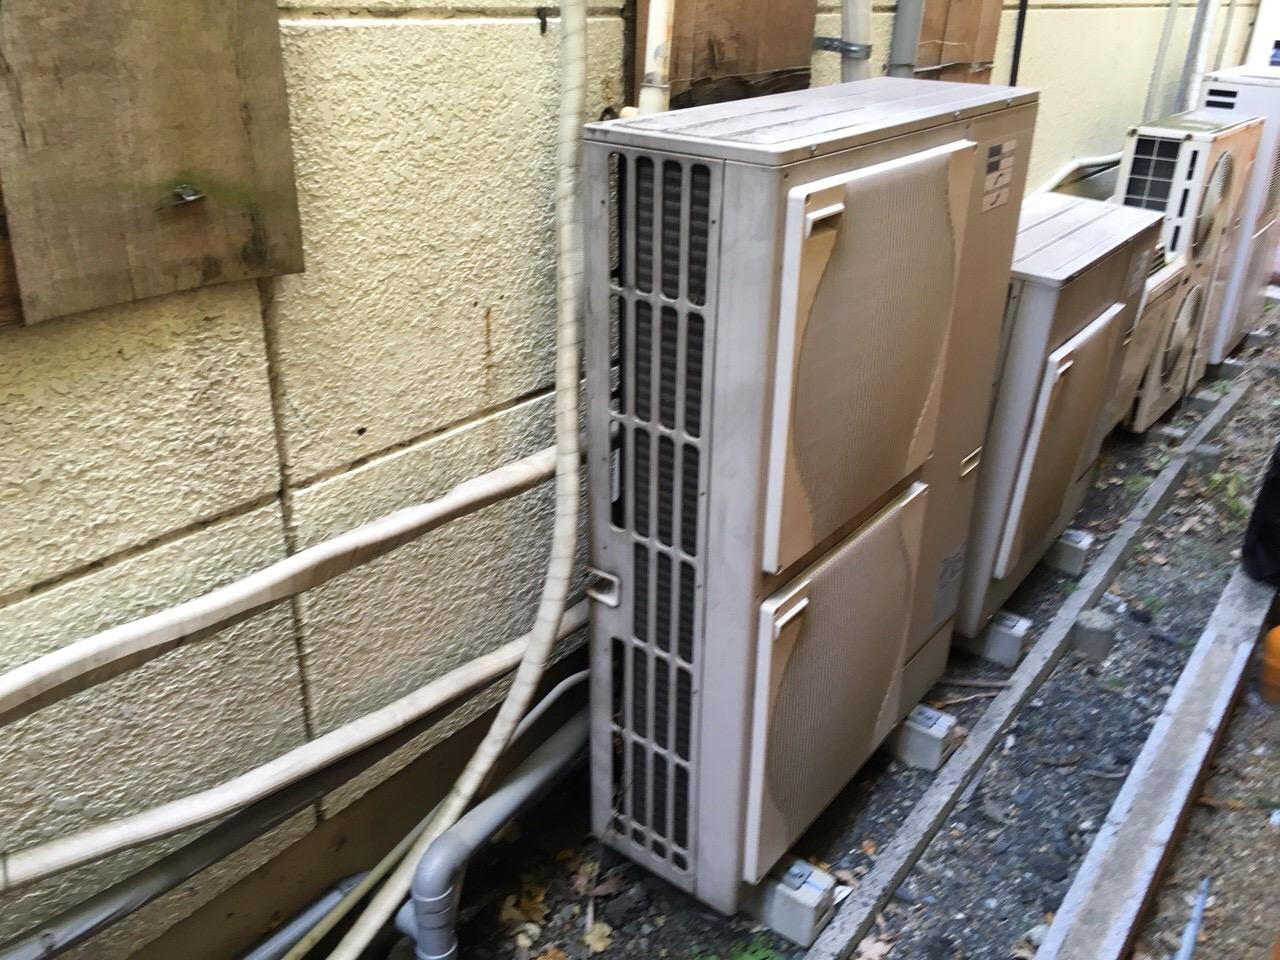 名古屋市 | ソフトバンク店内入替え工事